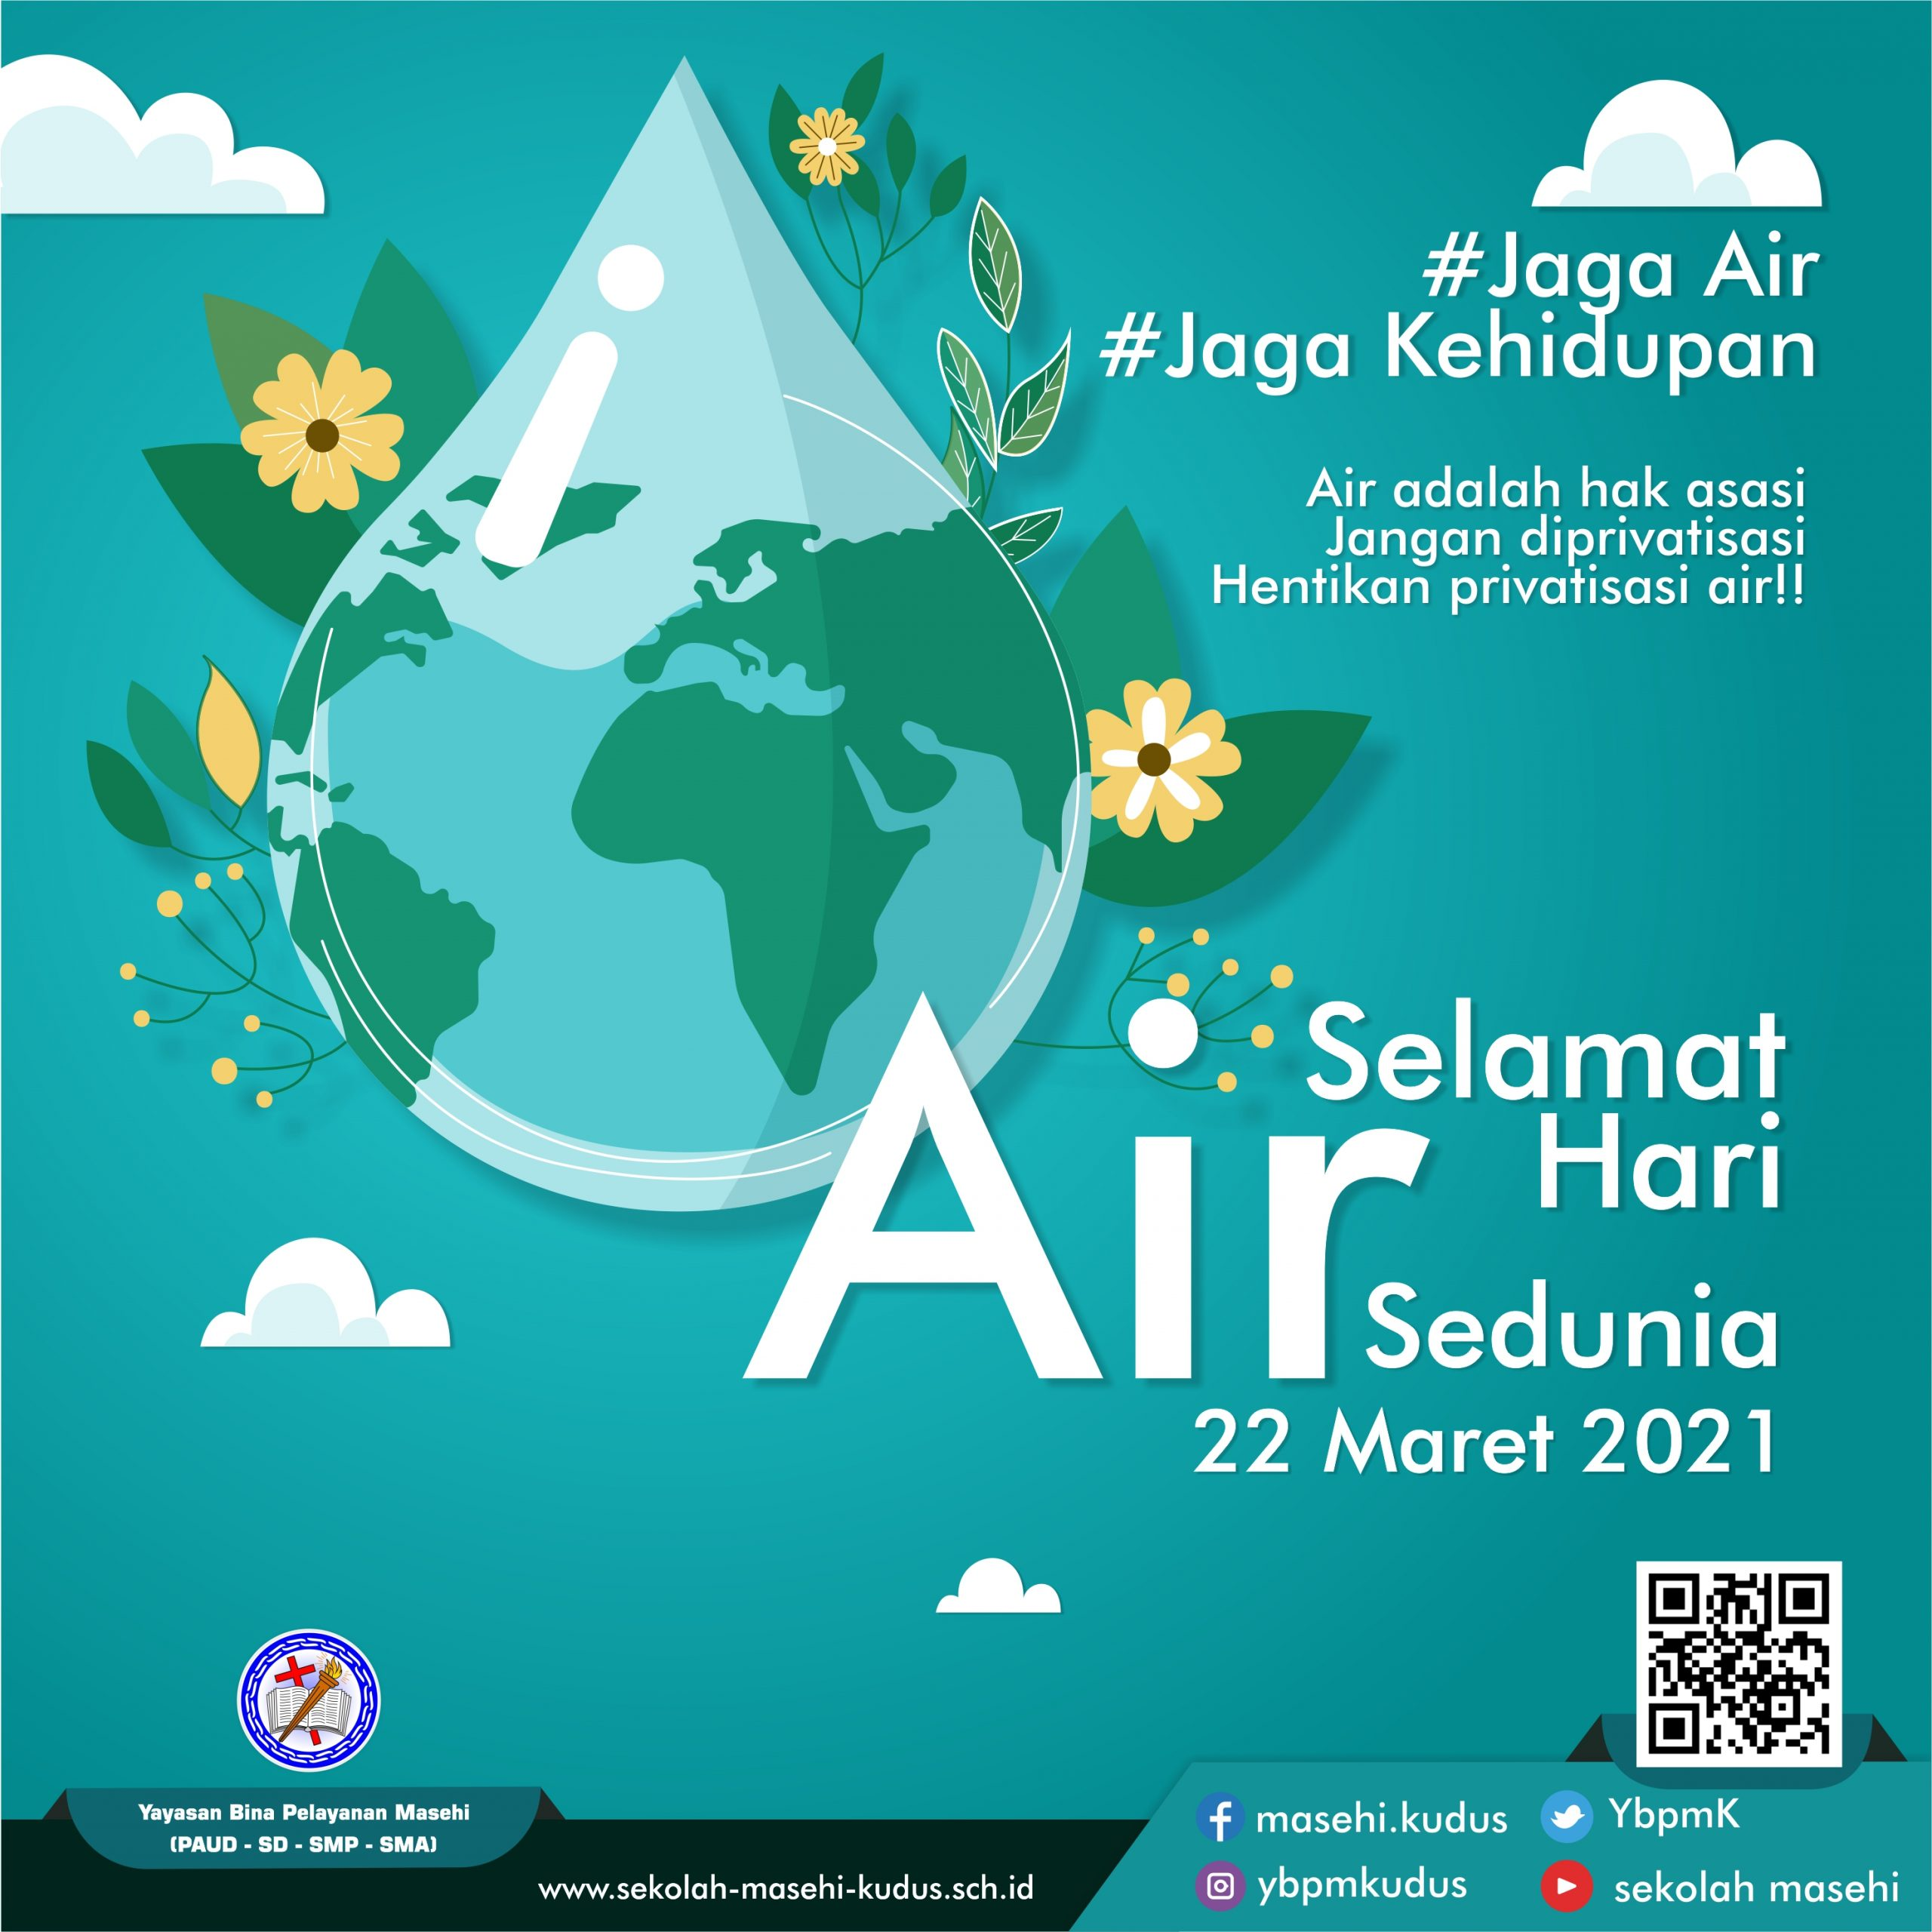 Selamat Hari Air Sedunia